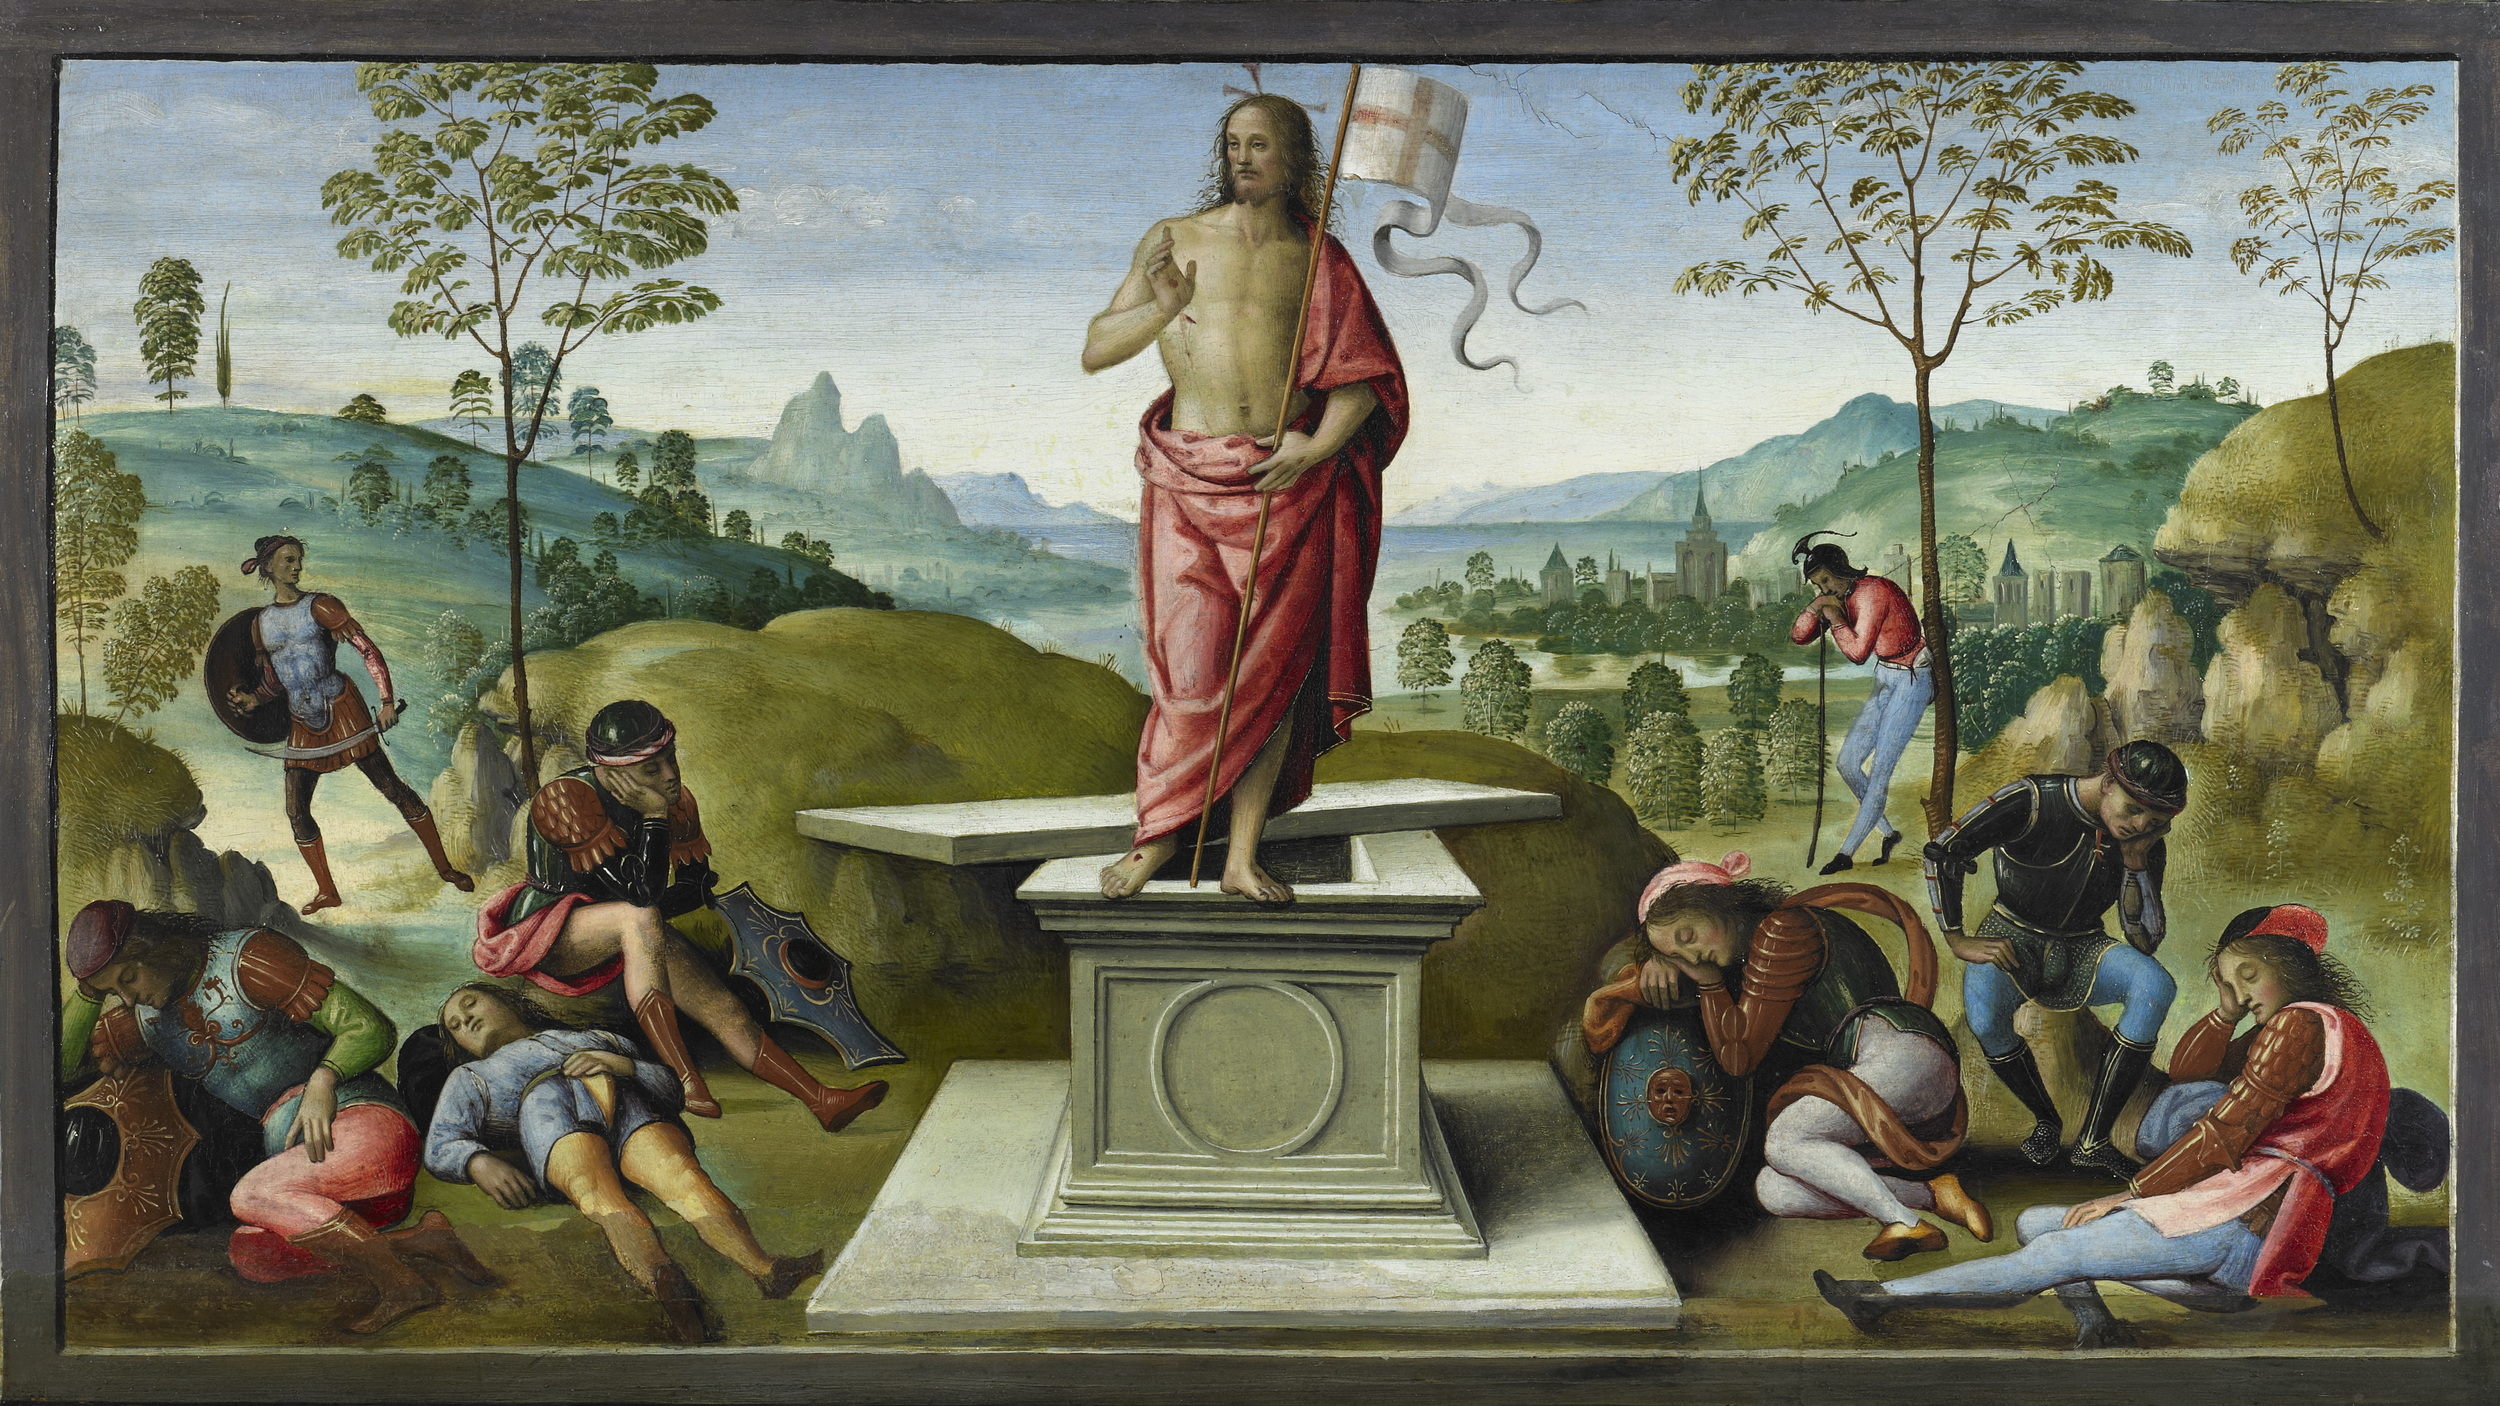 Le Pérugin,  La Résurrection,  Rouen, musée des Beaux-Arts (©) C. Lancien, C. Loisel, Musées de la ville de Rouen